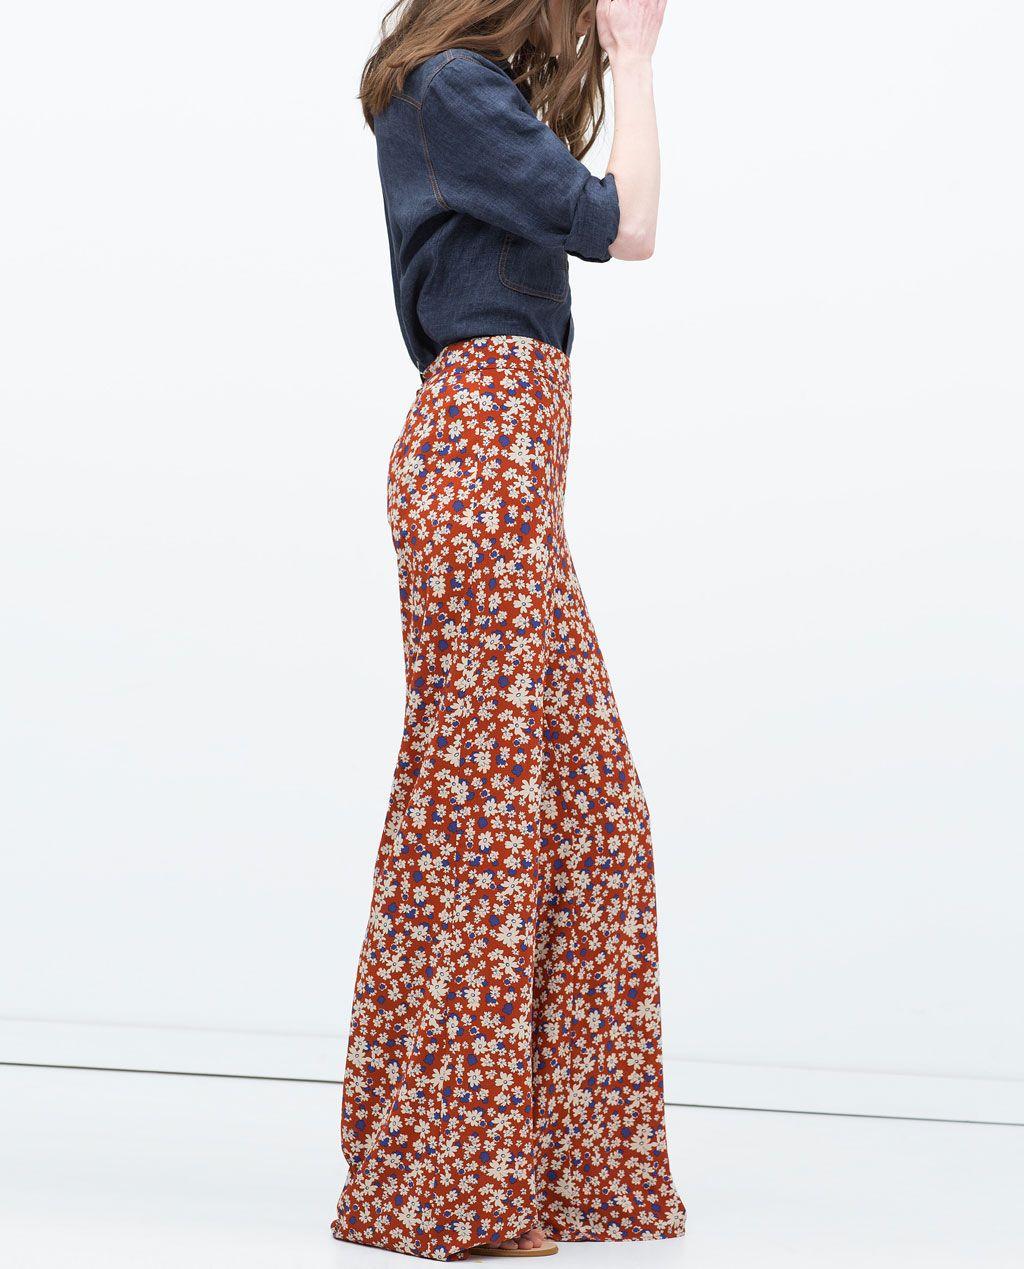 Pantalones de moda » Pantalones pata elefante Zara 2